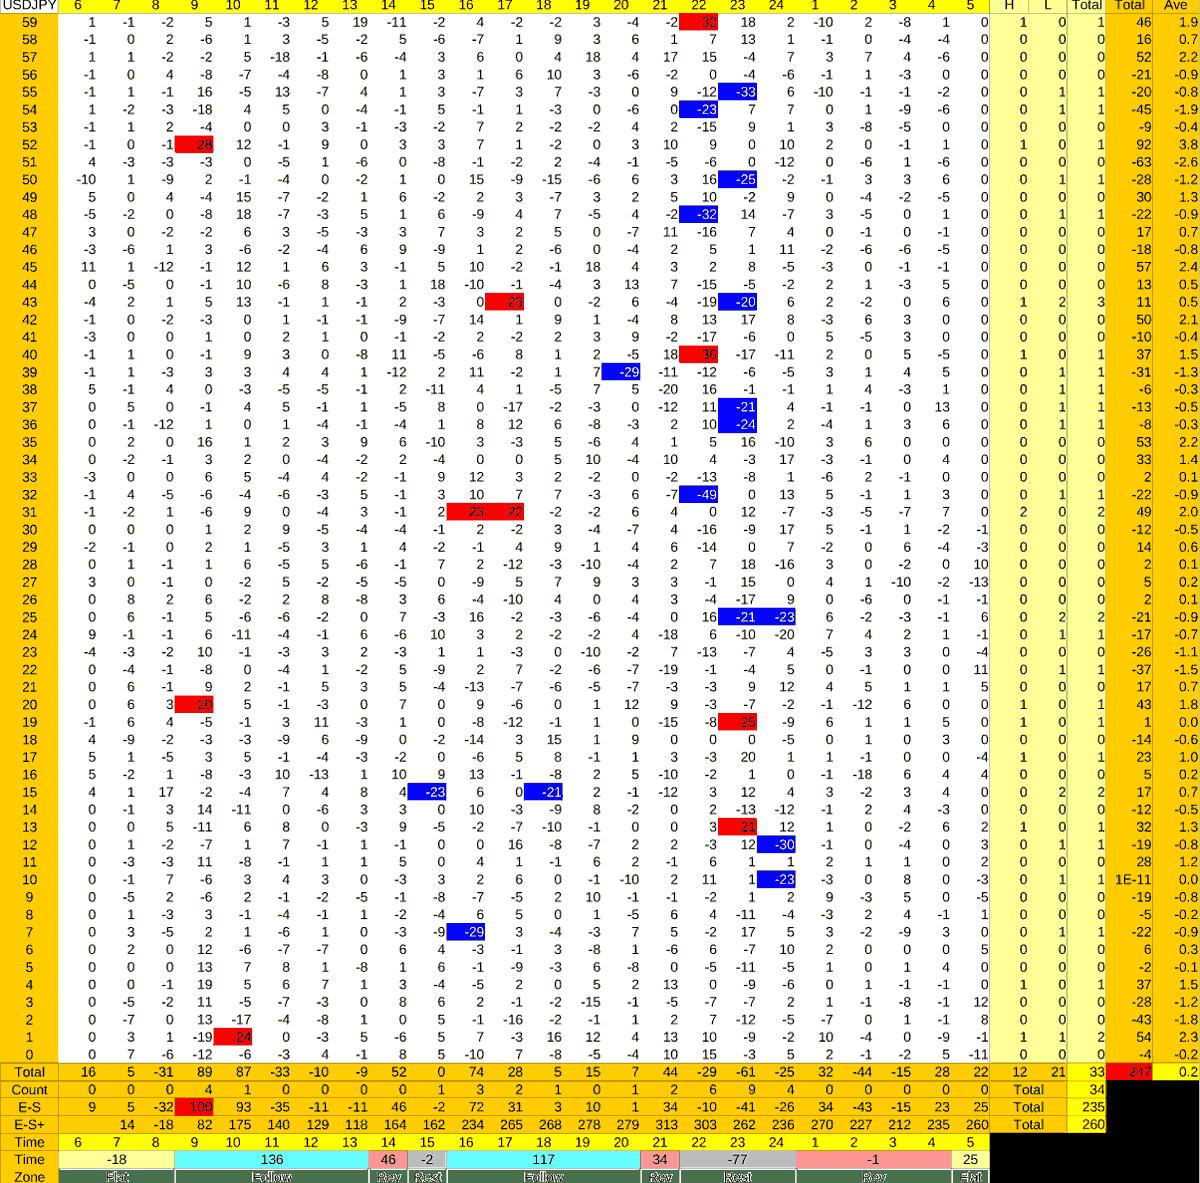 20210917_HS(1)USDJPY-min